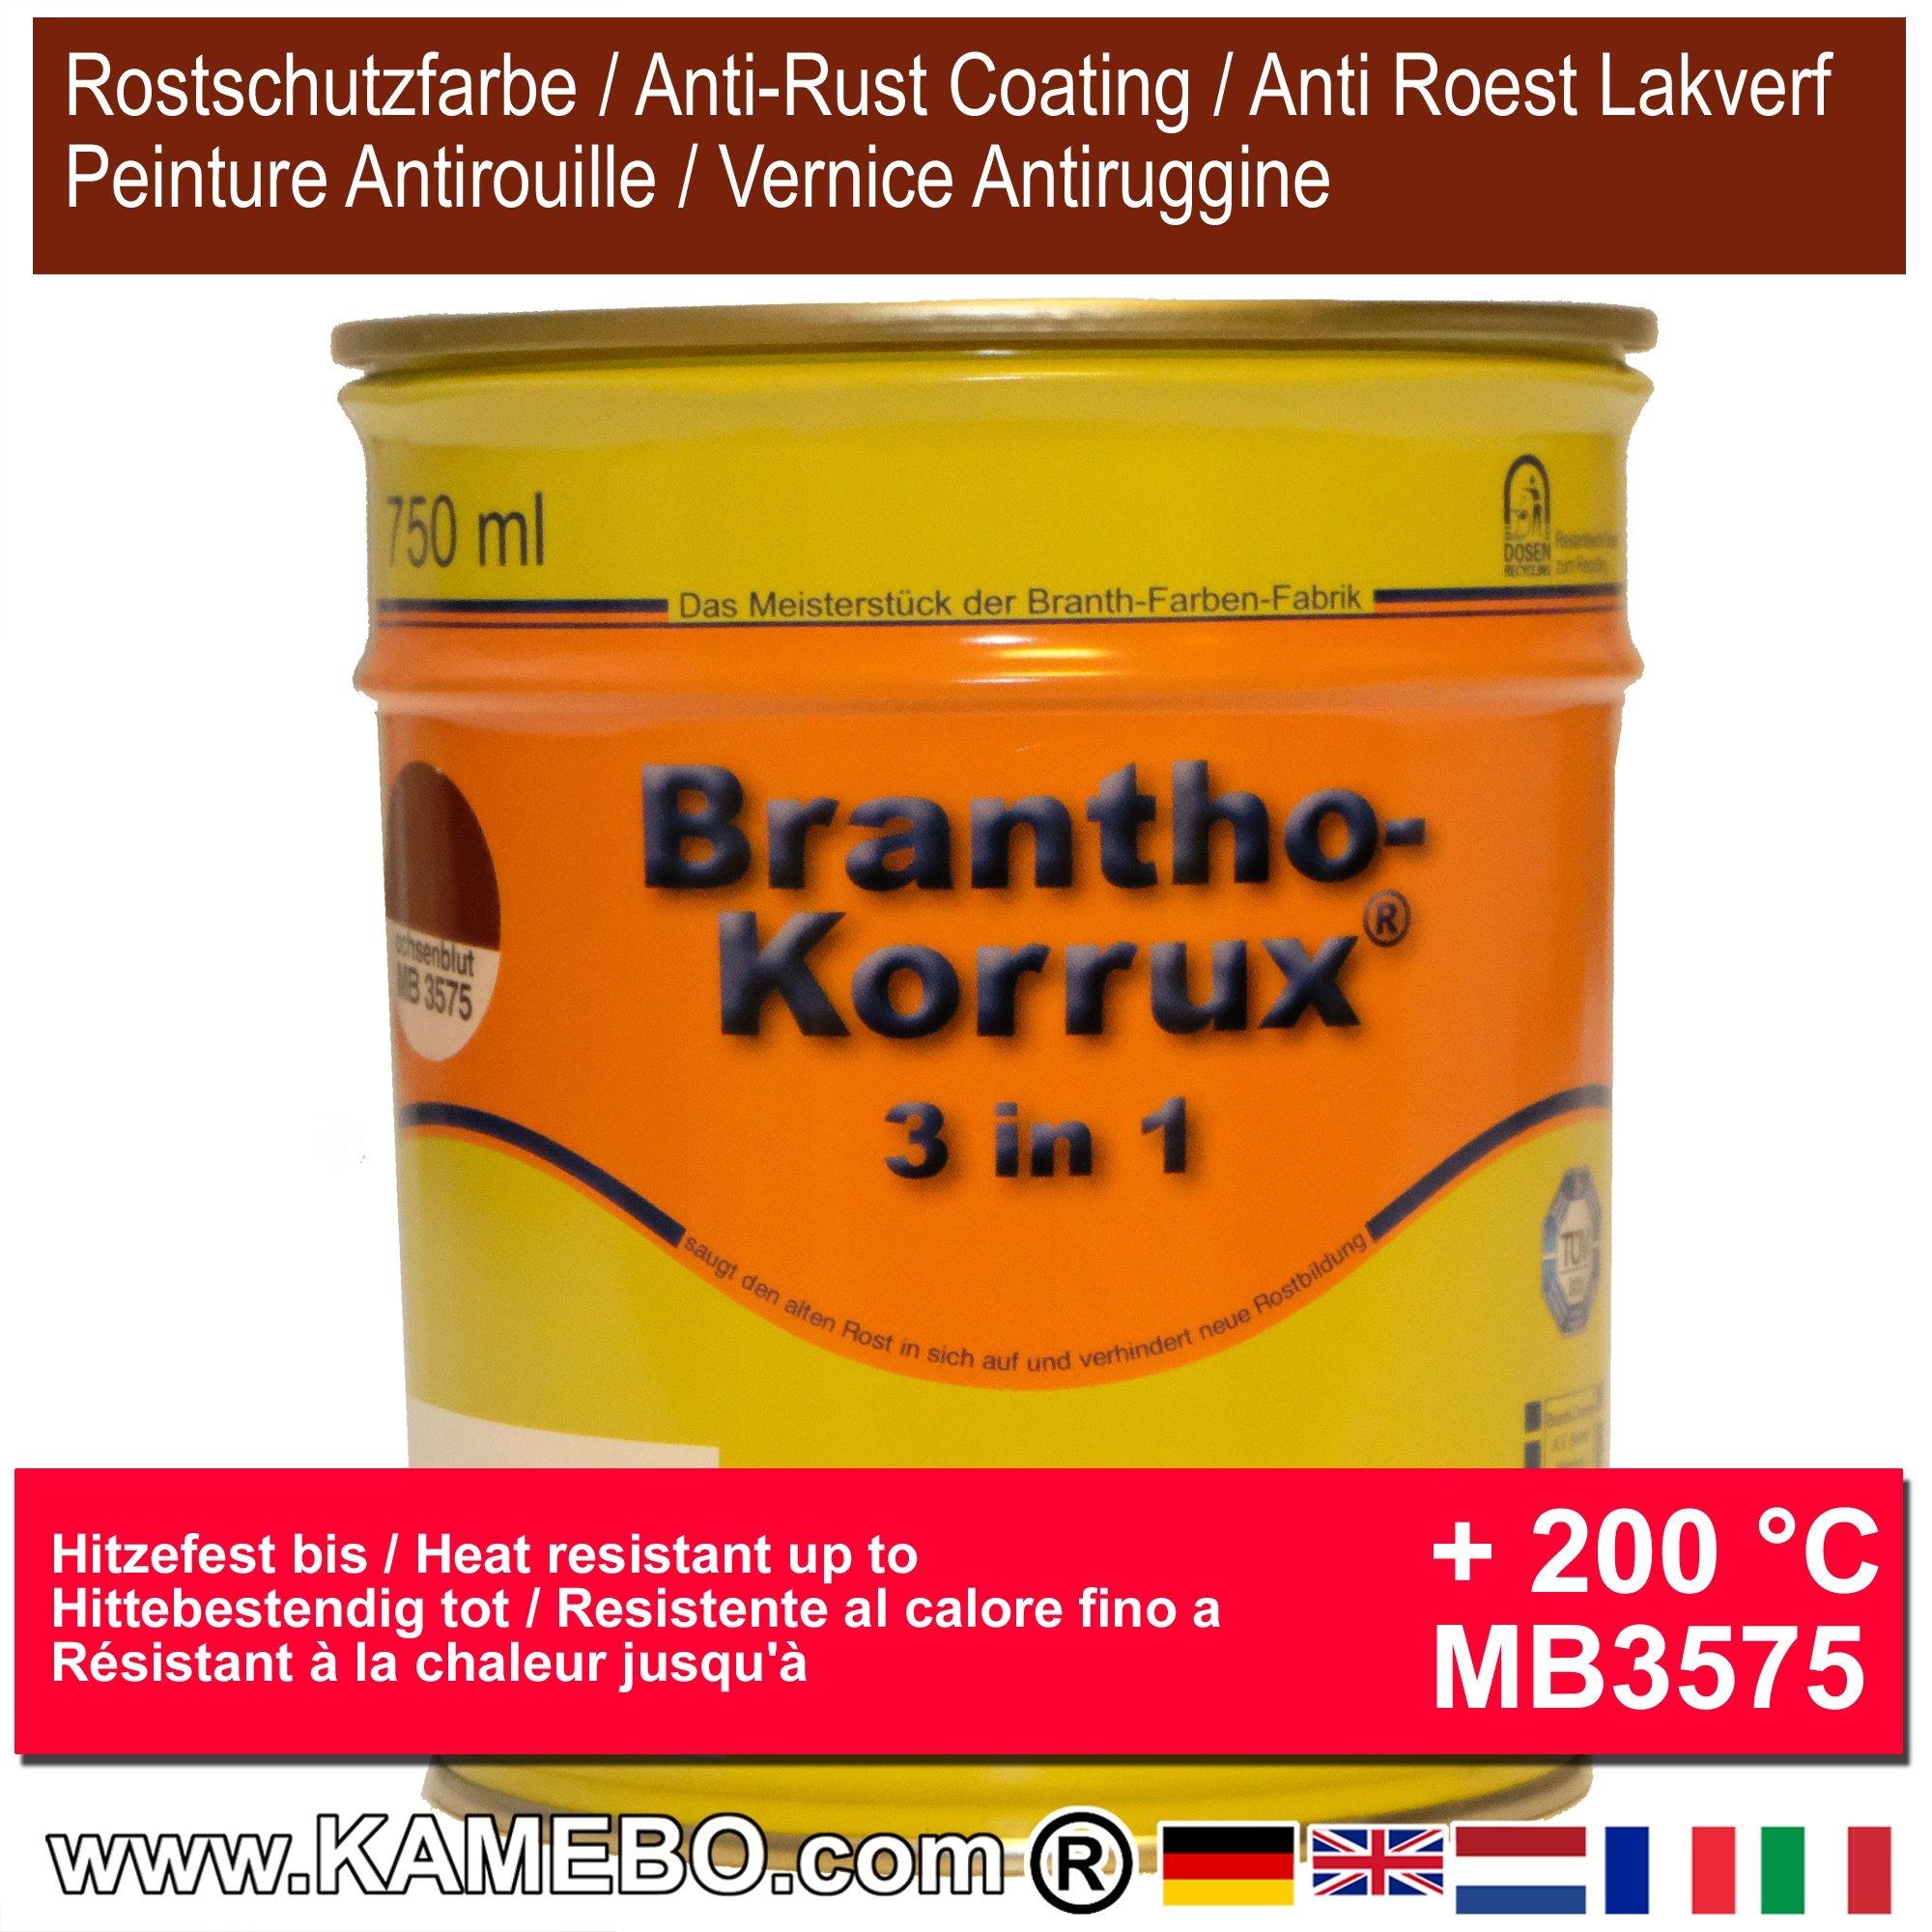 brantho korrux 3in1 anti rust coating mercedes benz mb3575. Black Bedroom Furniture Sets. Home Design Ideas